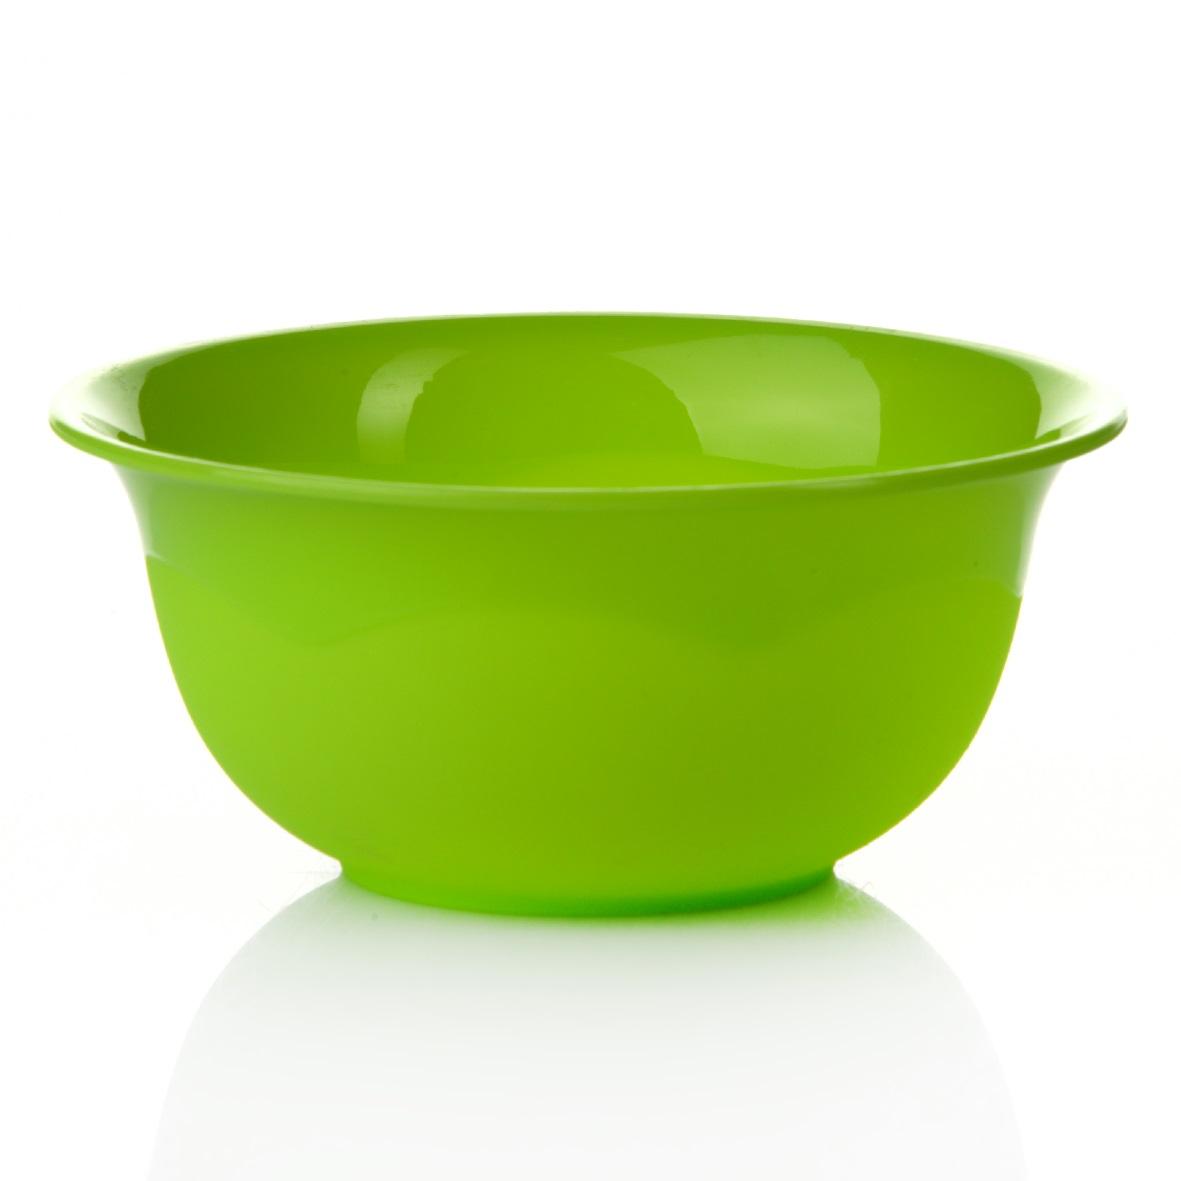 Миска Dunya Plastik, цвет: зеленый, 4,4 л10165Миска Dunya Plastik изготовлена из пластика, имеет круглую форму. Такая миска прекрасно подойдет для хранения различных бытовых предметов, пищевых продуктов и другое. Объем: 4,4 л. Диаметр: 27 см. Высота стенки: 12,5 см.